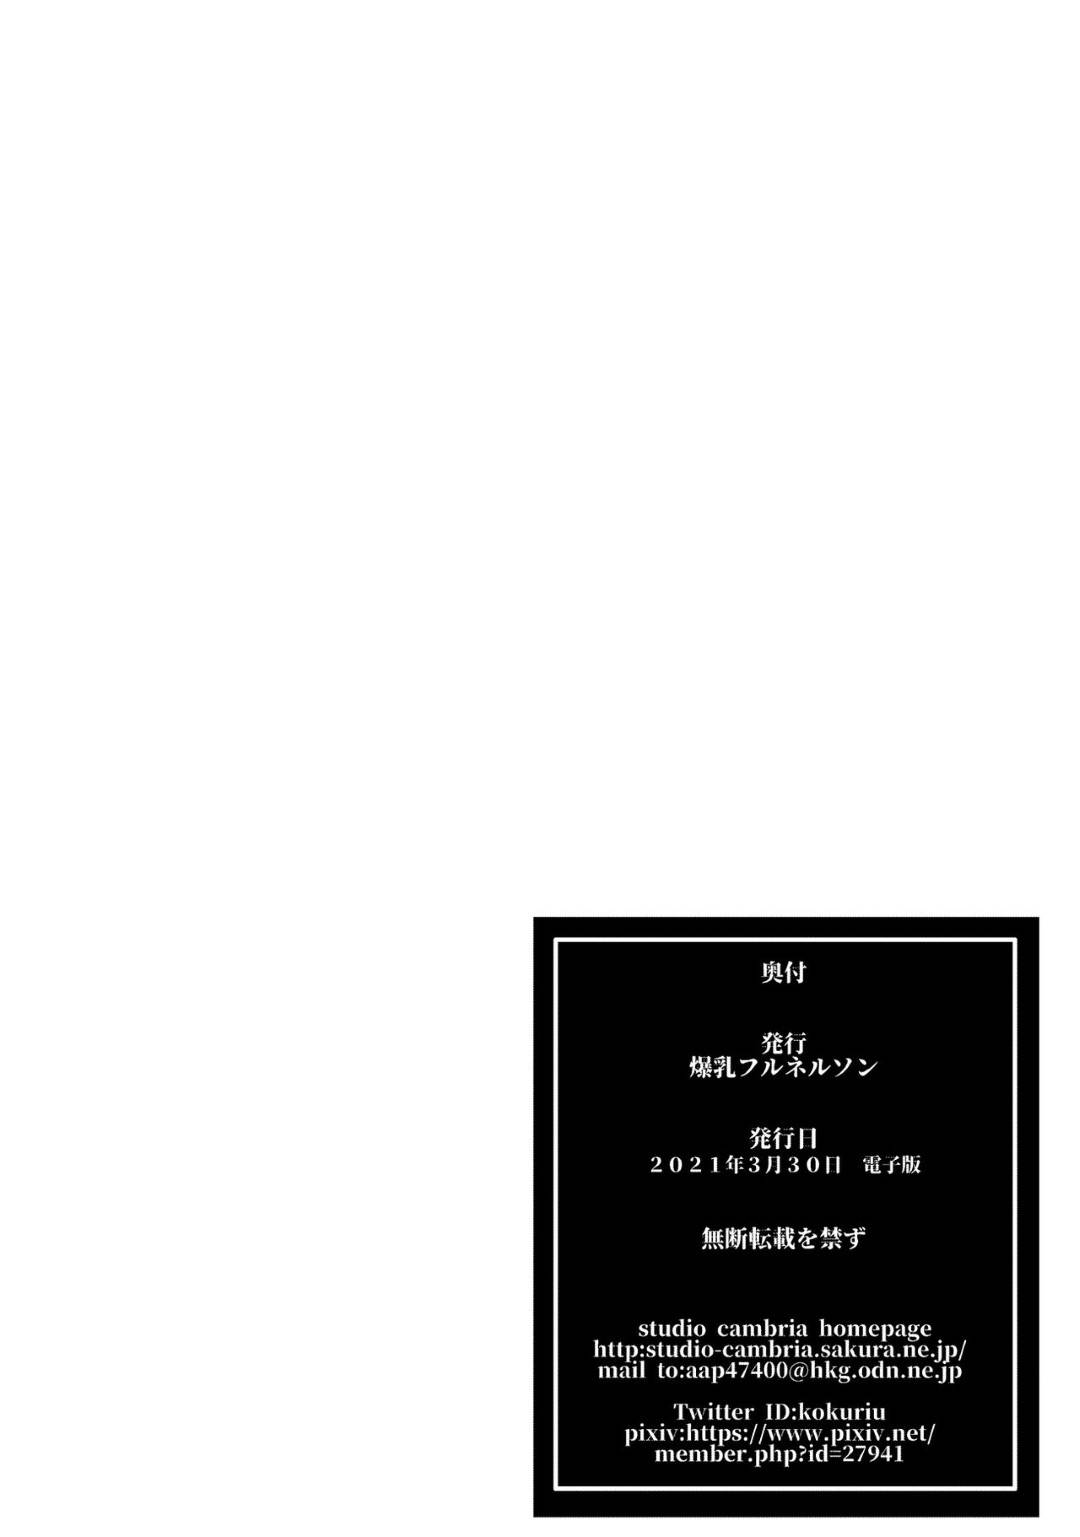 【エロ漫画】ショタっ子を裸にしてリードをつけて逆レイプ青姦鬼畜をする熟女…自分の子供を見殺しにした子供を外で犬扱いして逆レイプ羞恥をする!【黒龍眼: 償い ~完全版~】